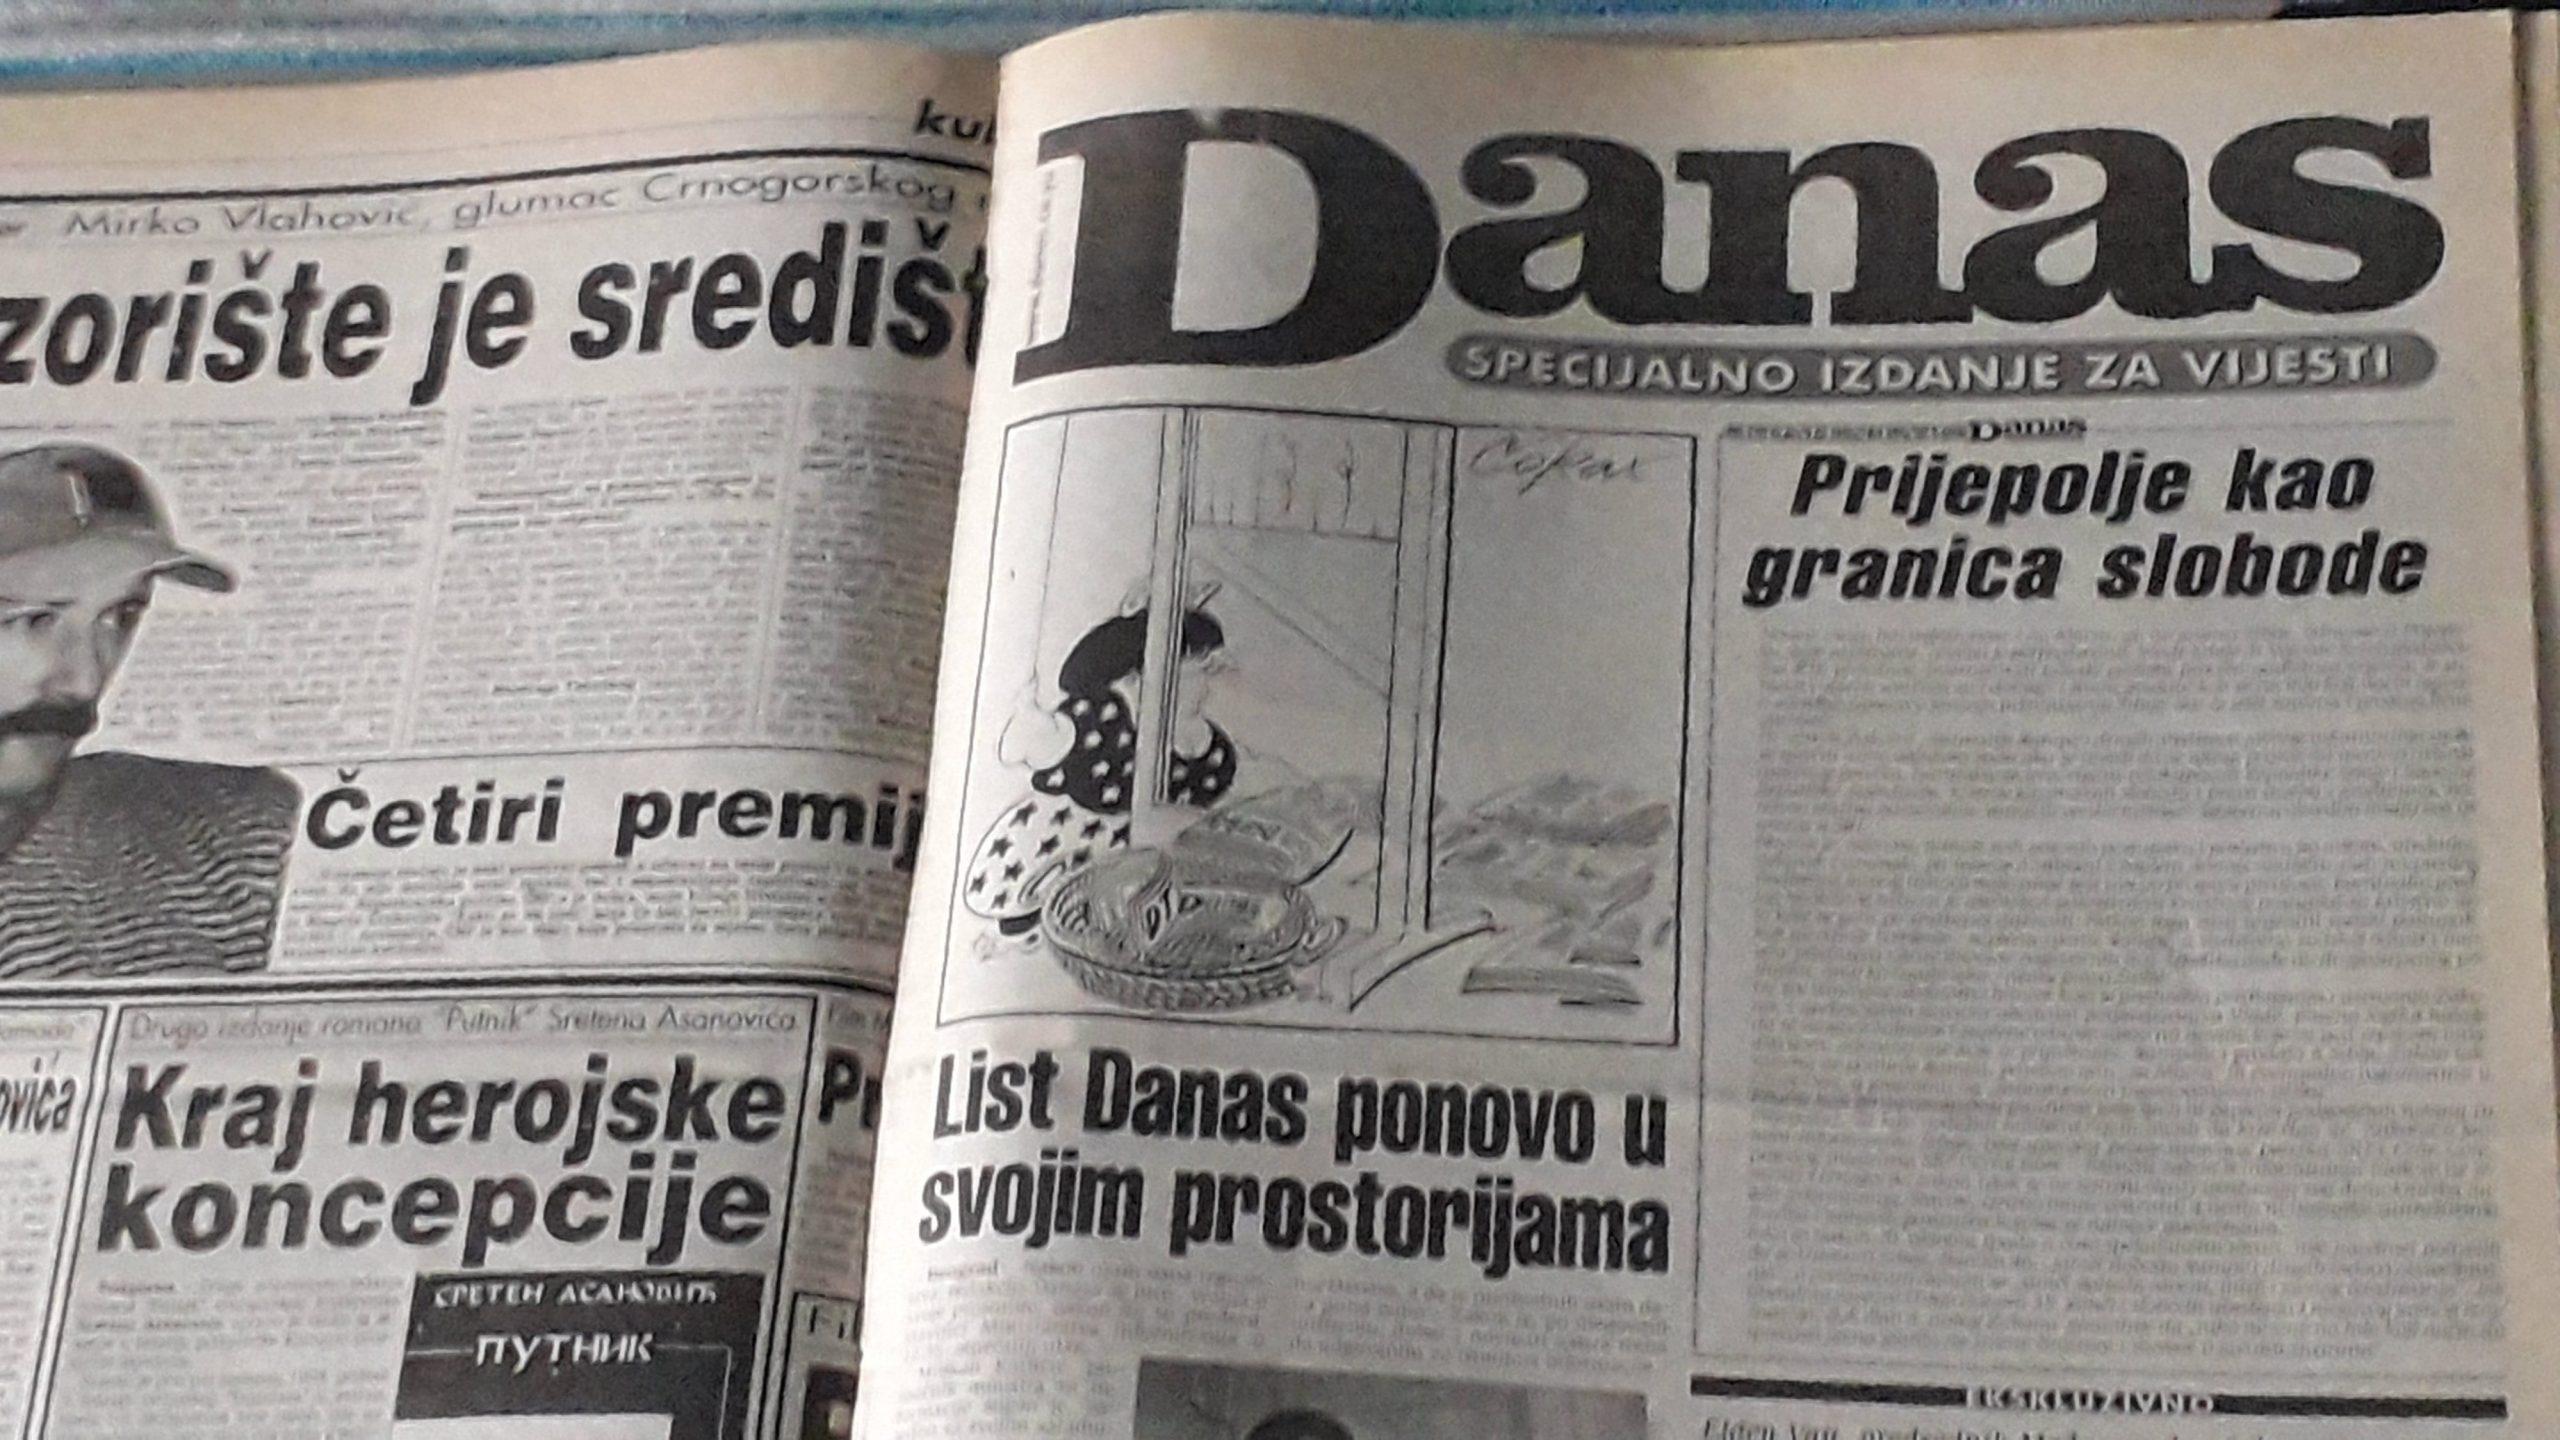 Kako su 1998. izgledali protesti zbog gašenja Danasa? 1